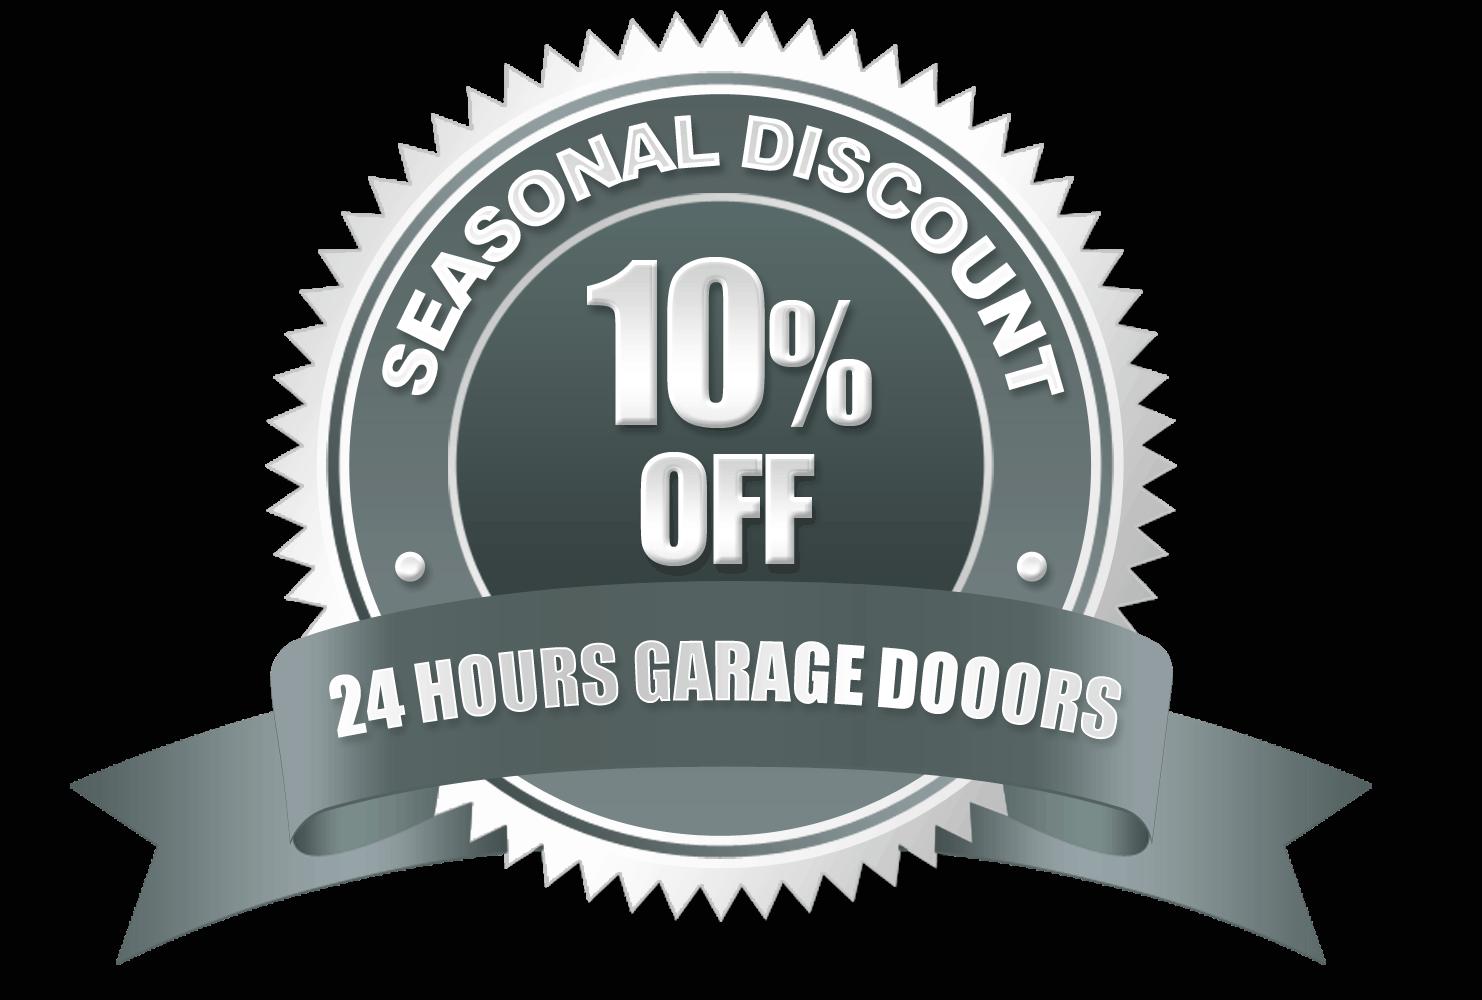 Garage door service logo - Virginia Garage Door Repair And Installation Seasonal Discount 24 Hours Garage Doors